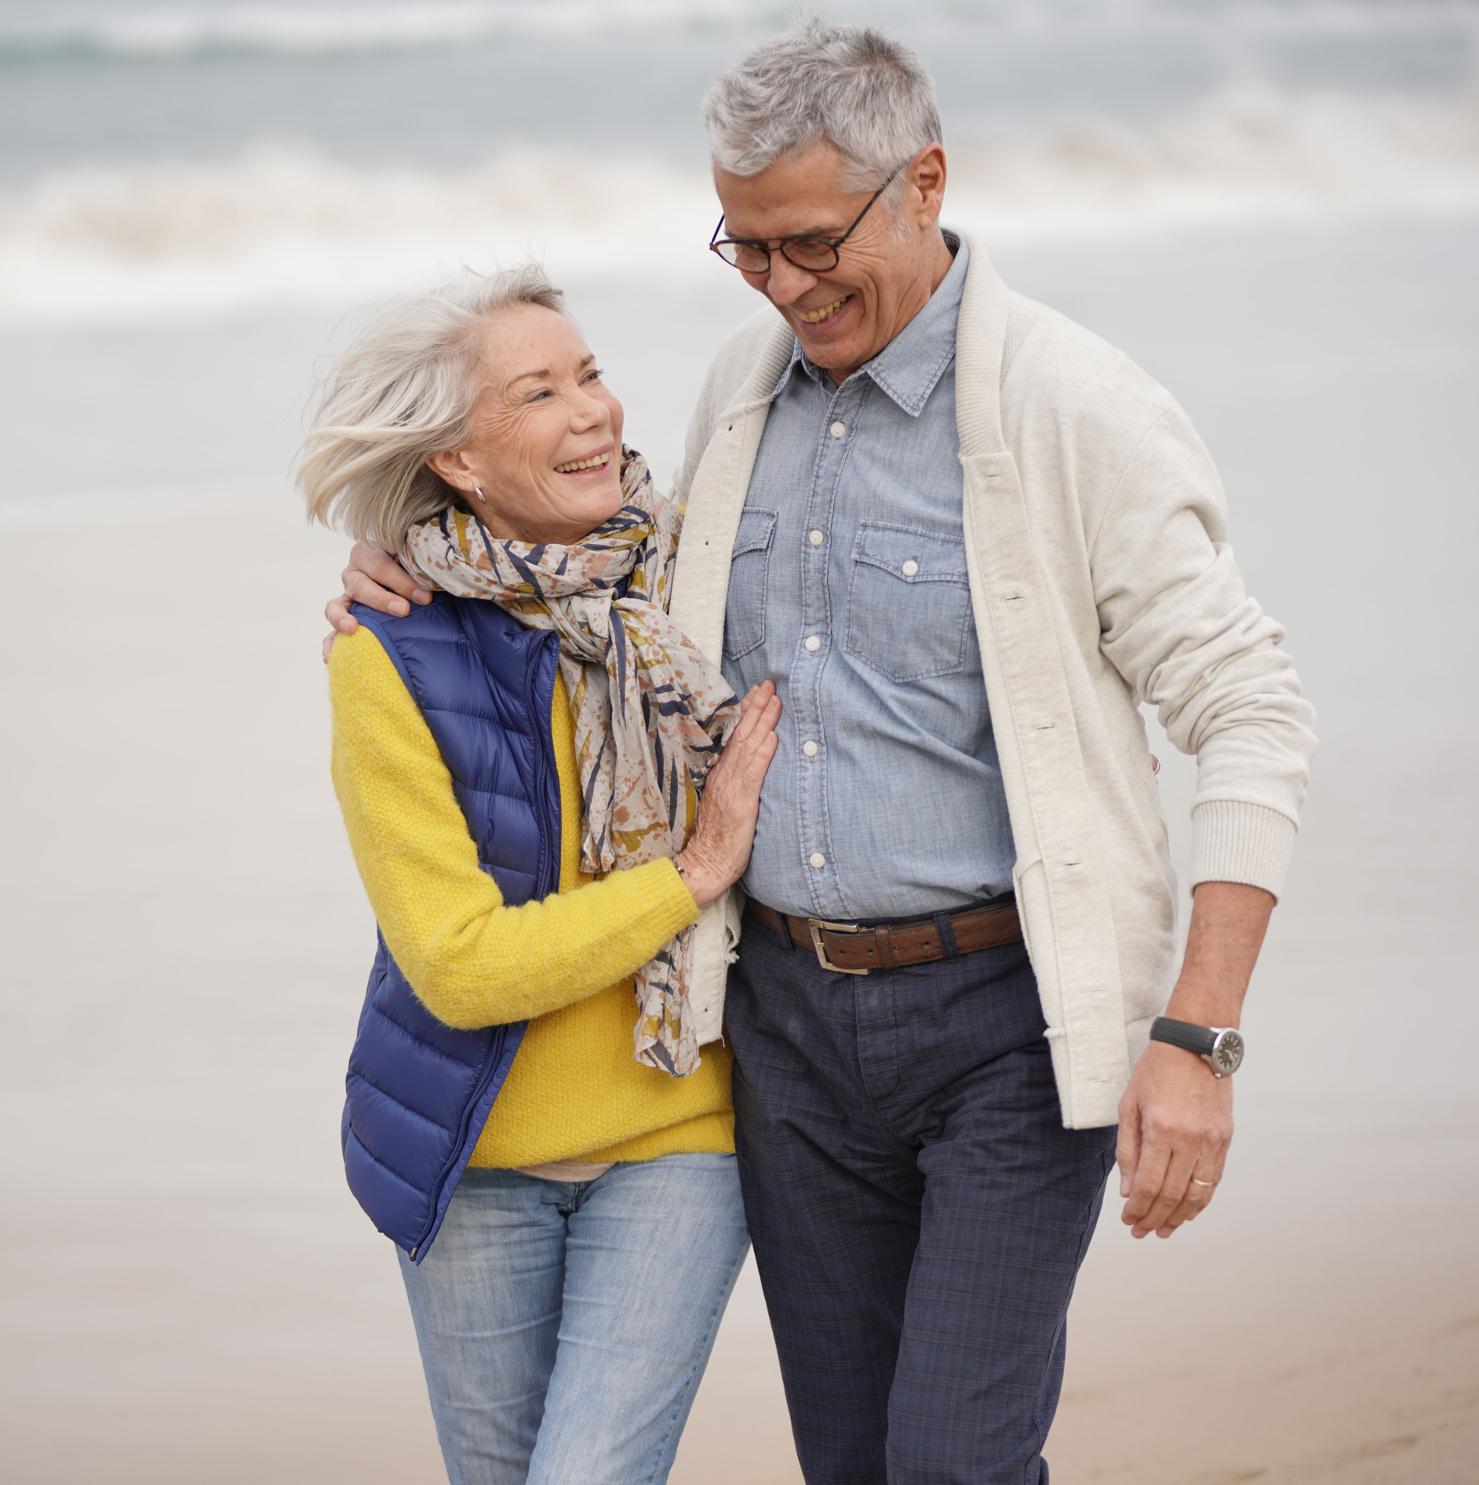 Älteres Pärchen geht Arm in Arm am Strand spazieren